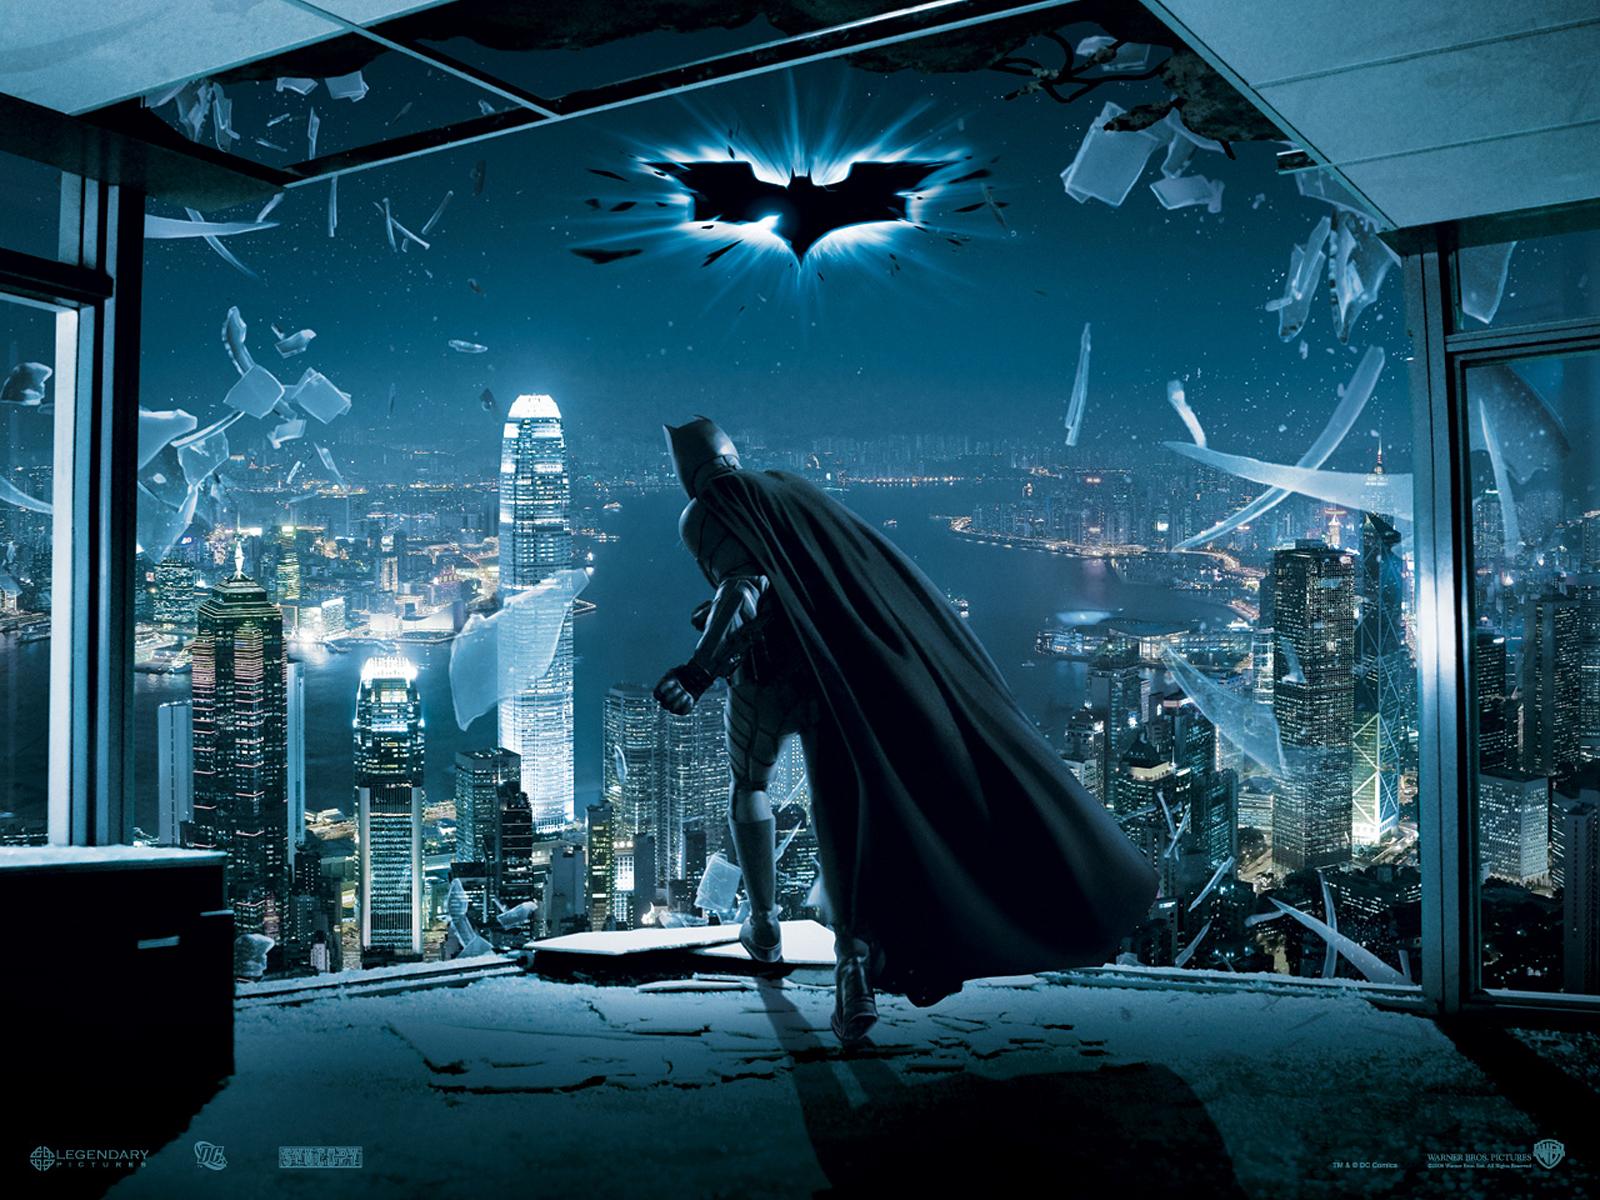 Batman   The Dark Knight Wallpapers 1600 x 1200 1600x1200